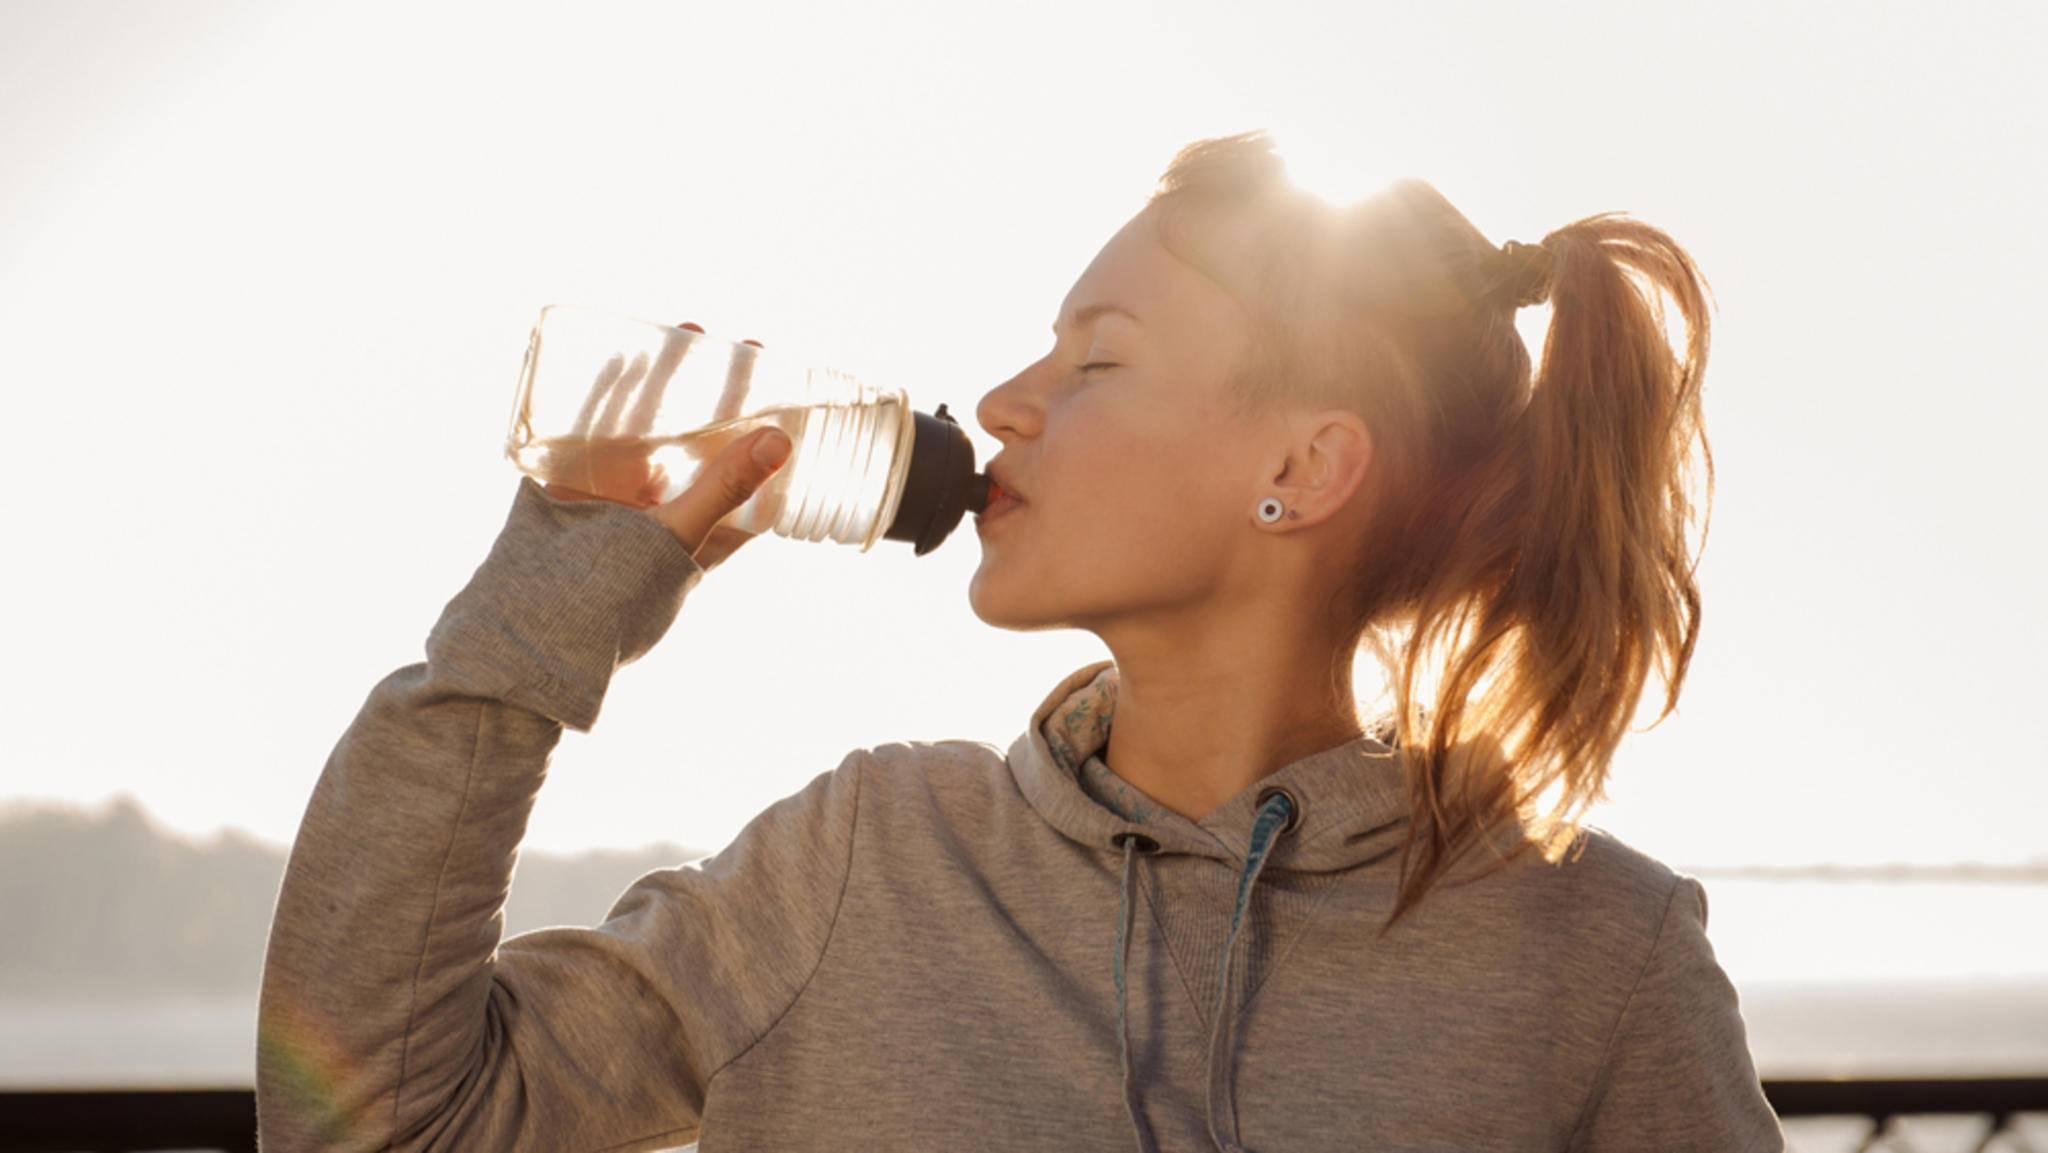 Wasser liefert nicht nur Energie, sondern füllt auch den Magen.